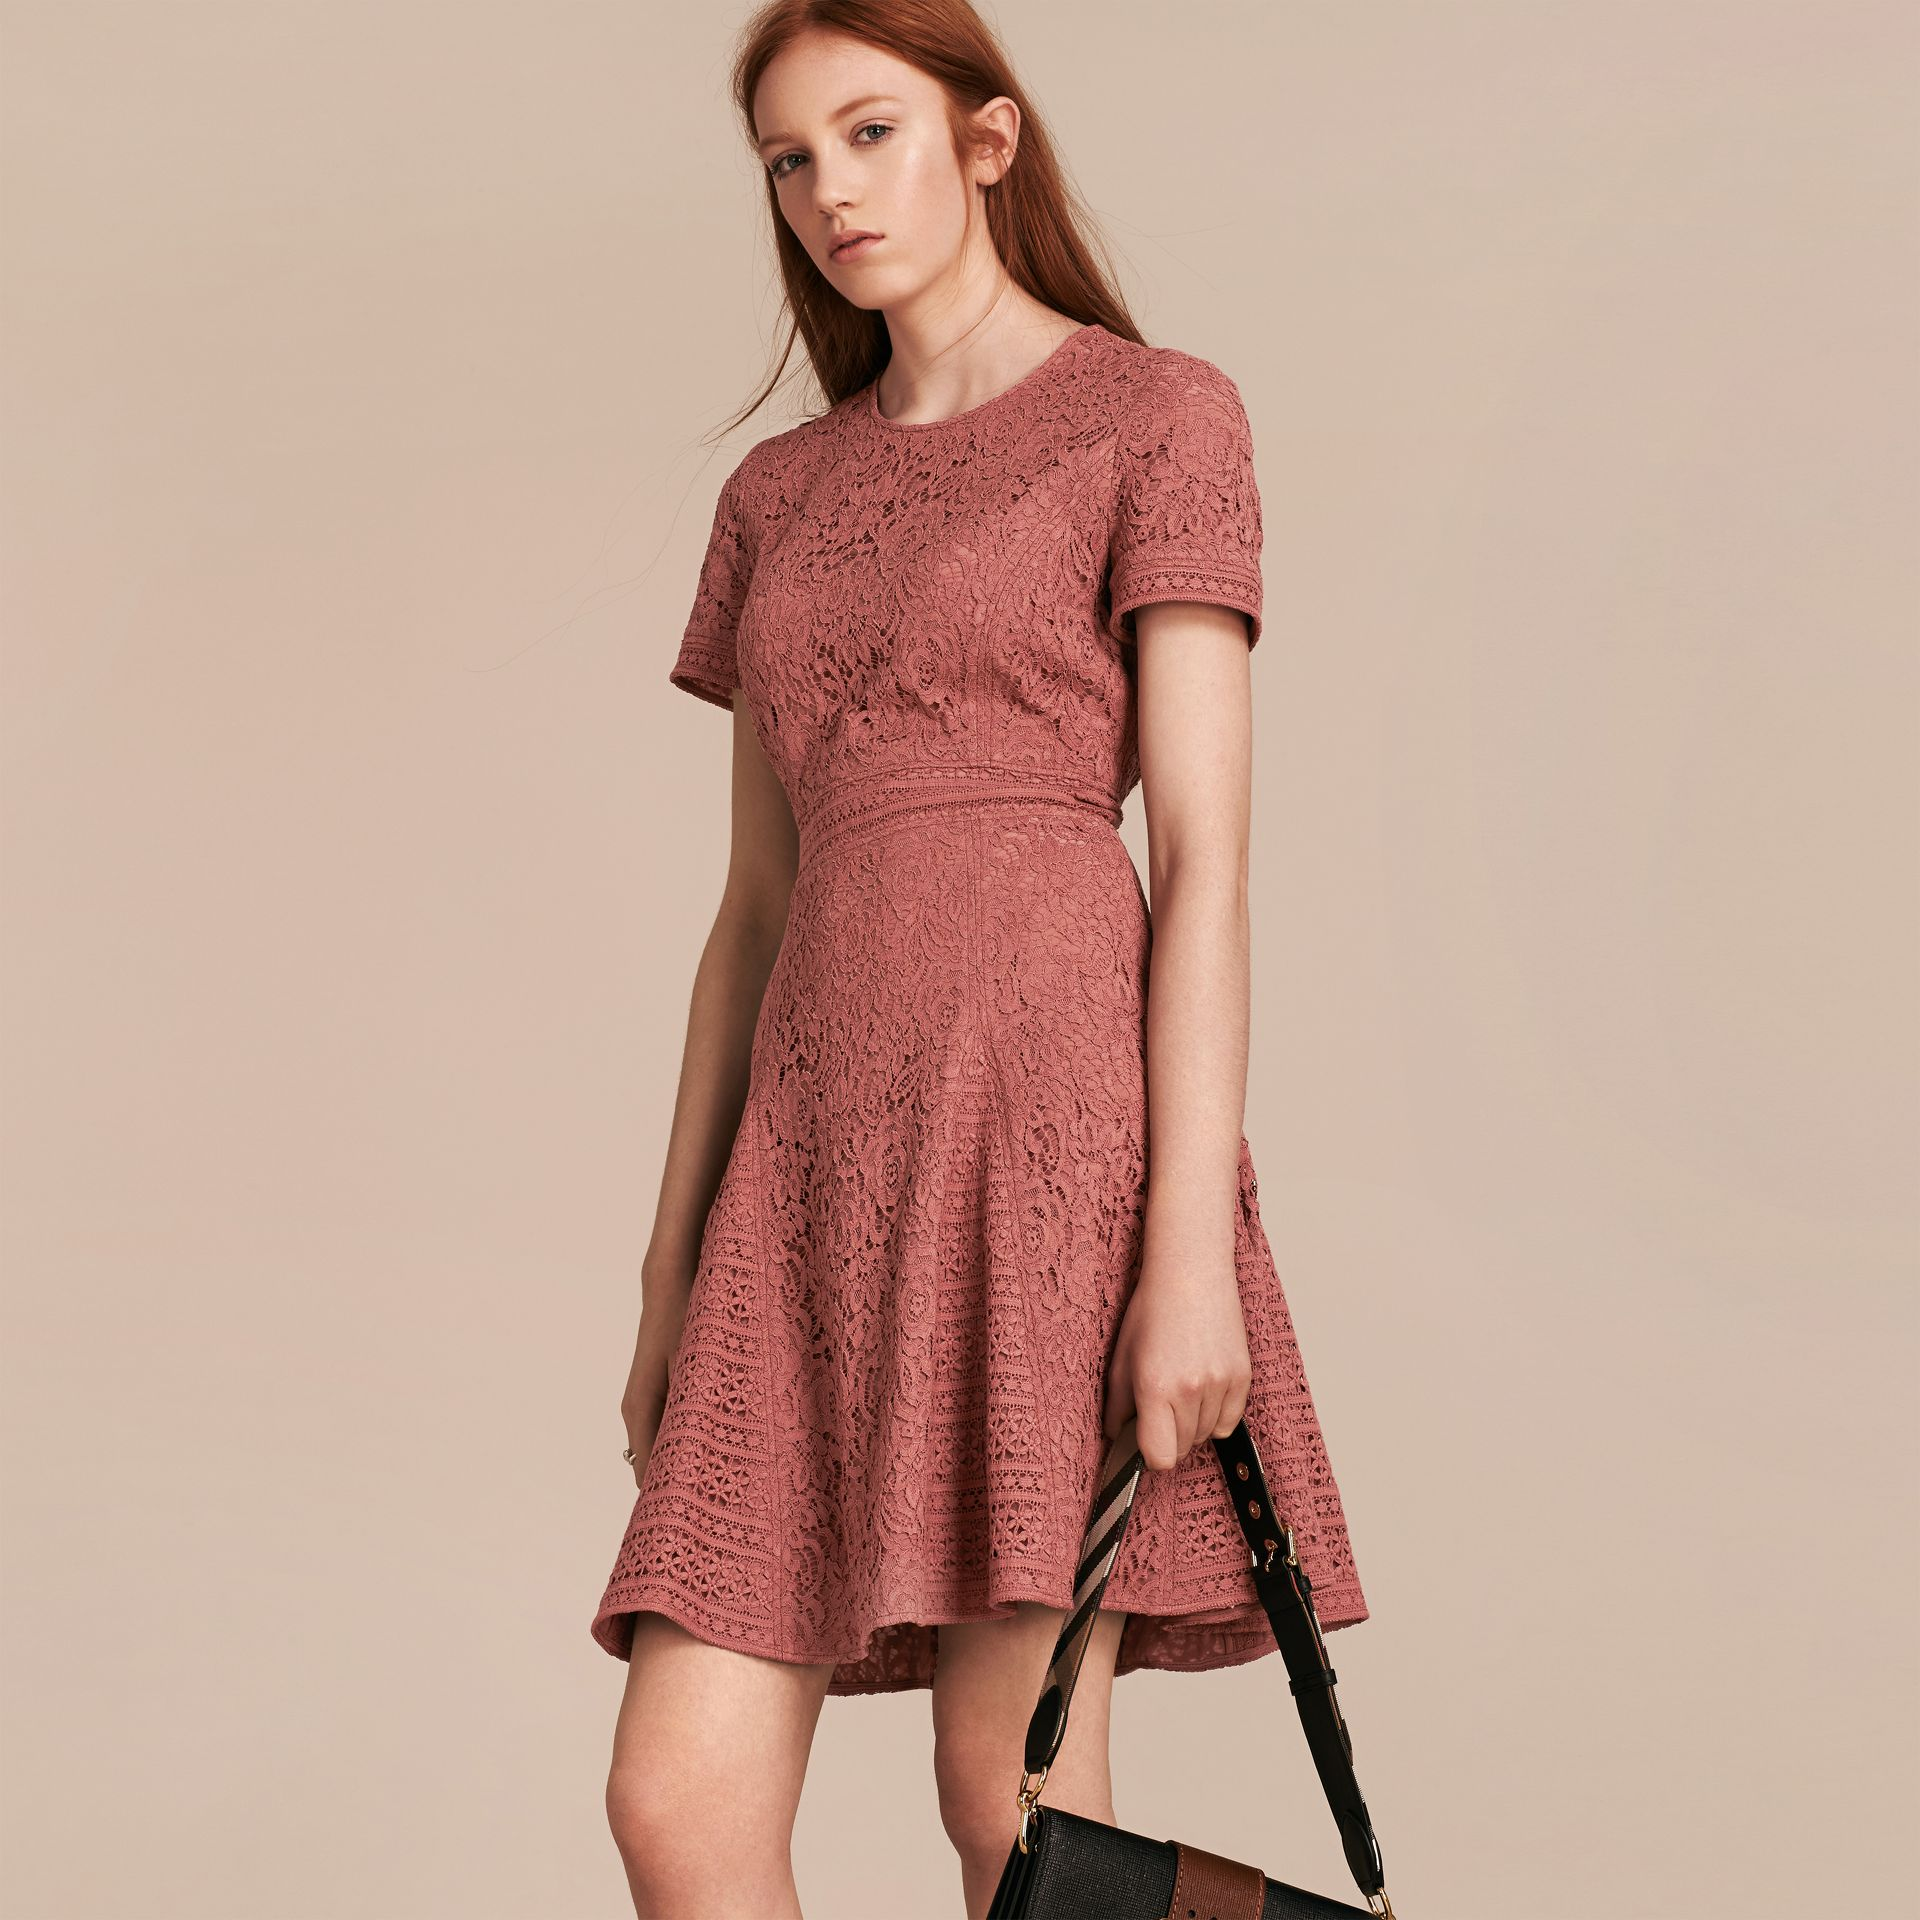 Malvenfarben-rosa Kleid in A-Linie aus italienischer Spitze - Galerie-Bild 6